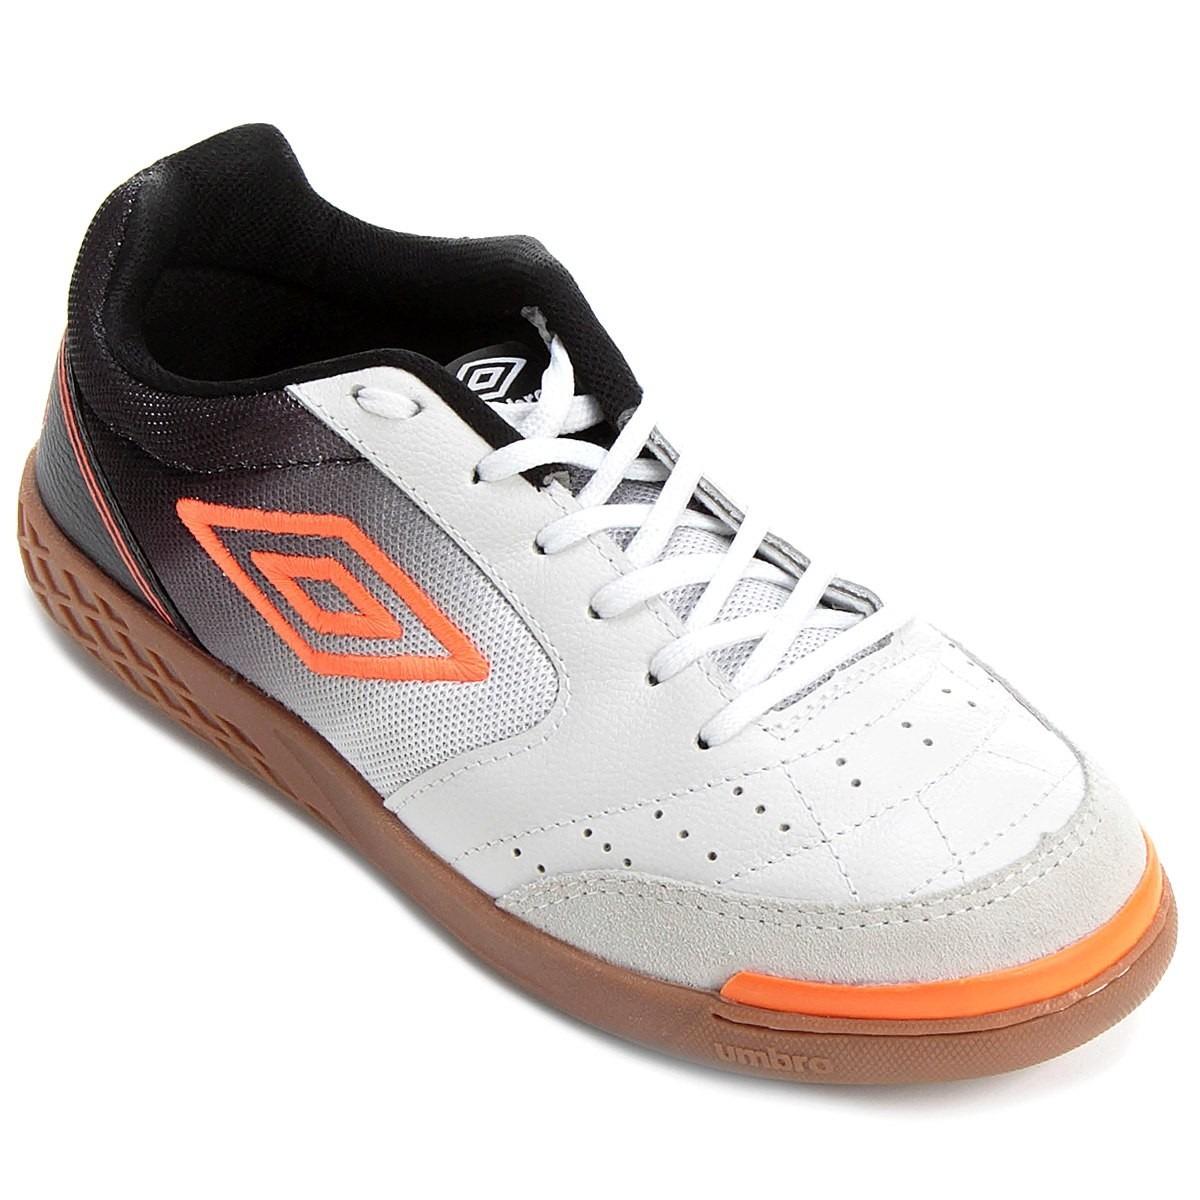 9040441062558 tênis futsal umbro box couro amortecedor costurado top. Carregando zoom.